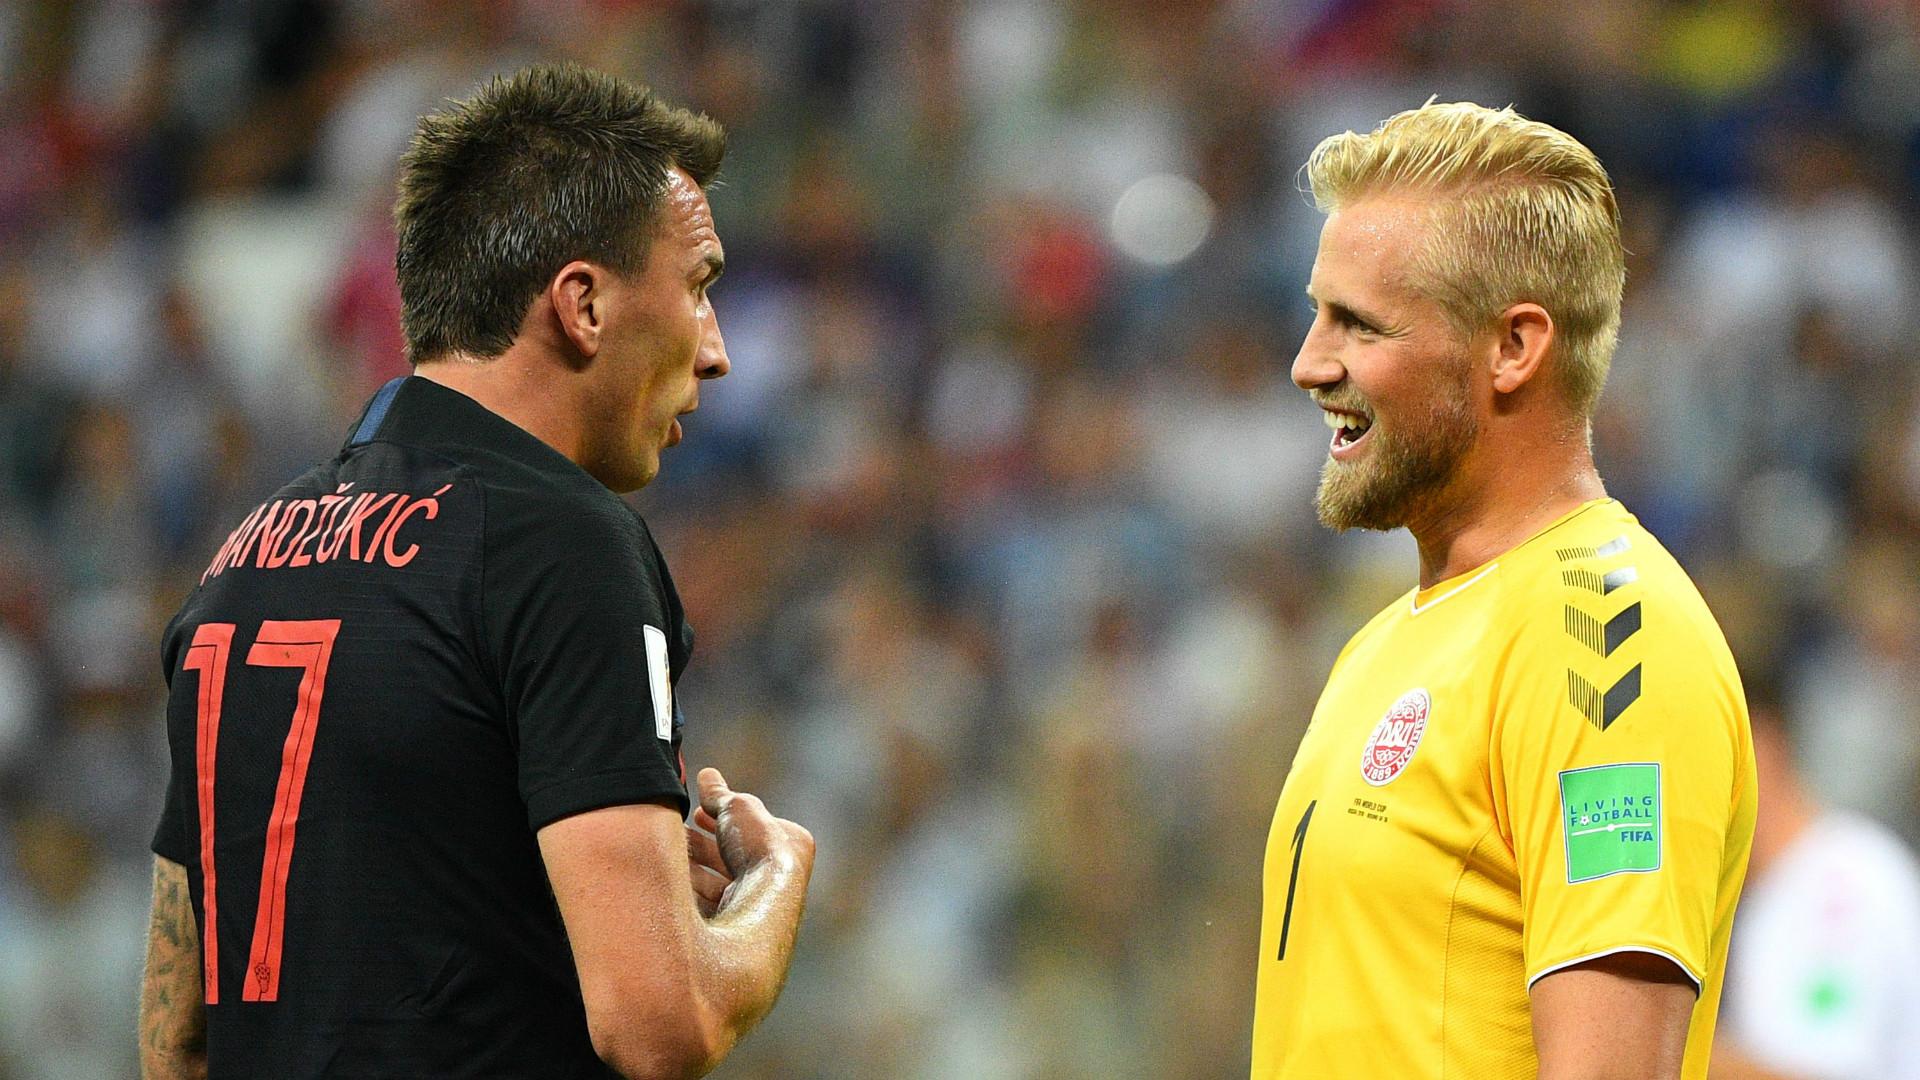 Mario Mandzukic Kasper Schmeichel Croatia Denmark 2018